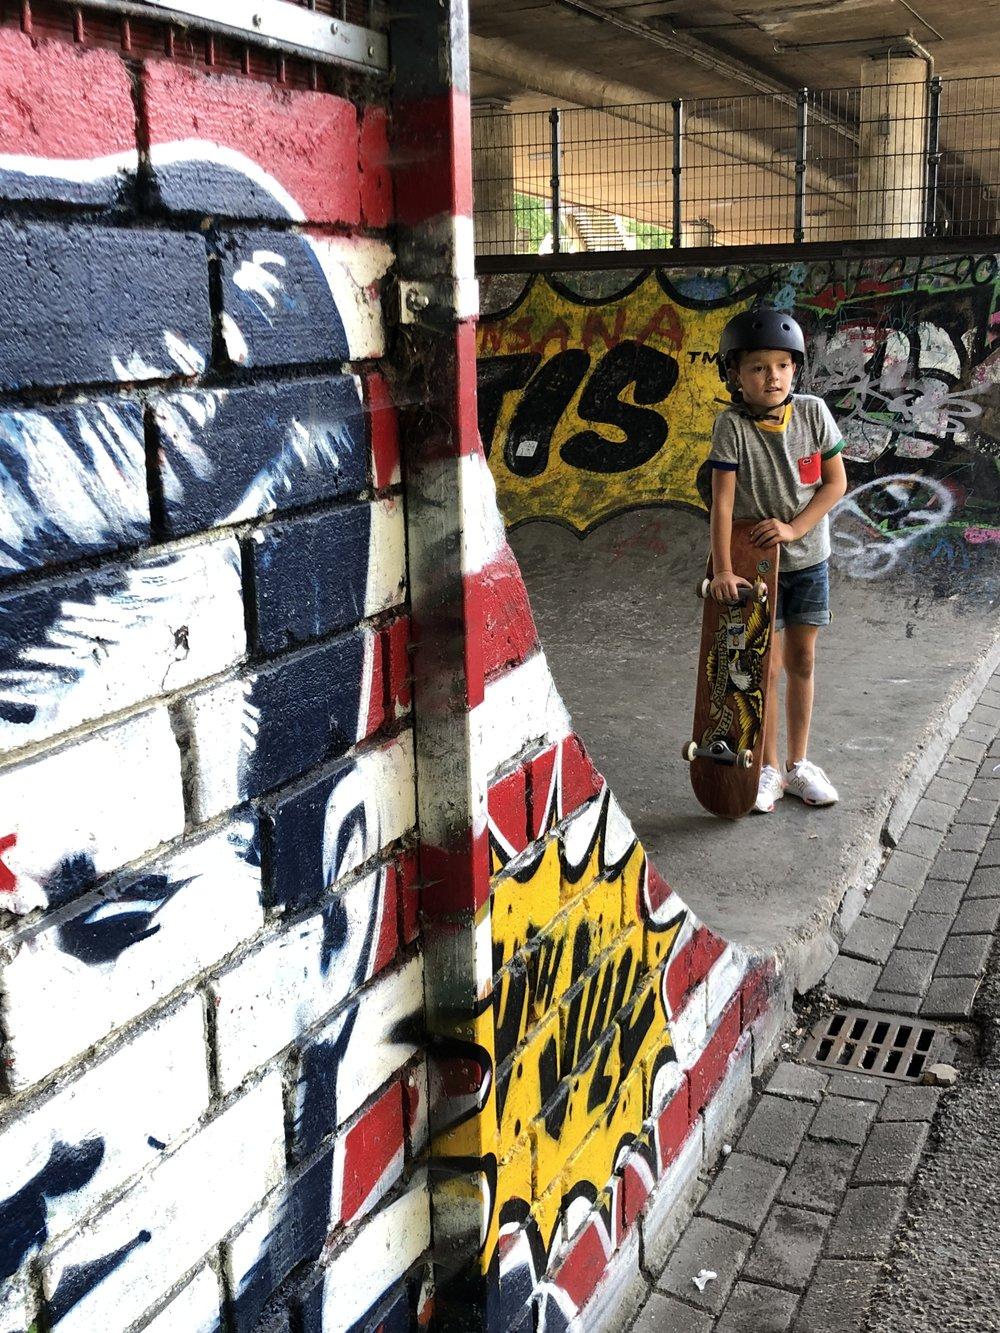 JFK Skatepark Maastricht - Reizen met kinderen